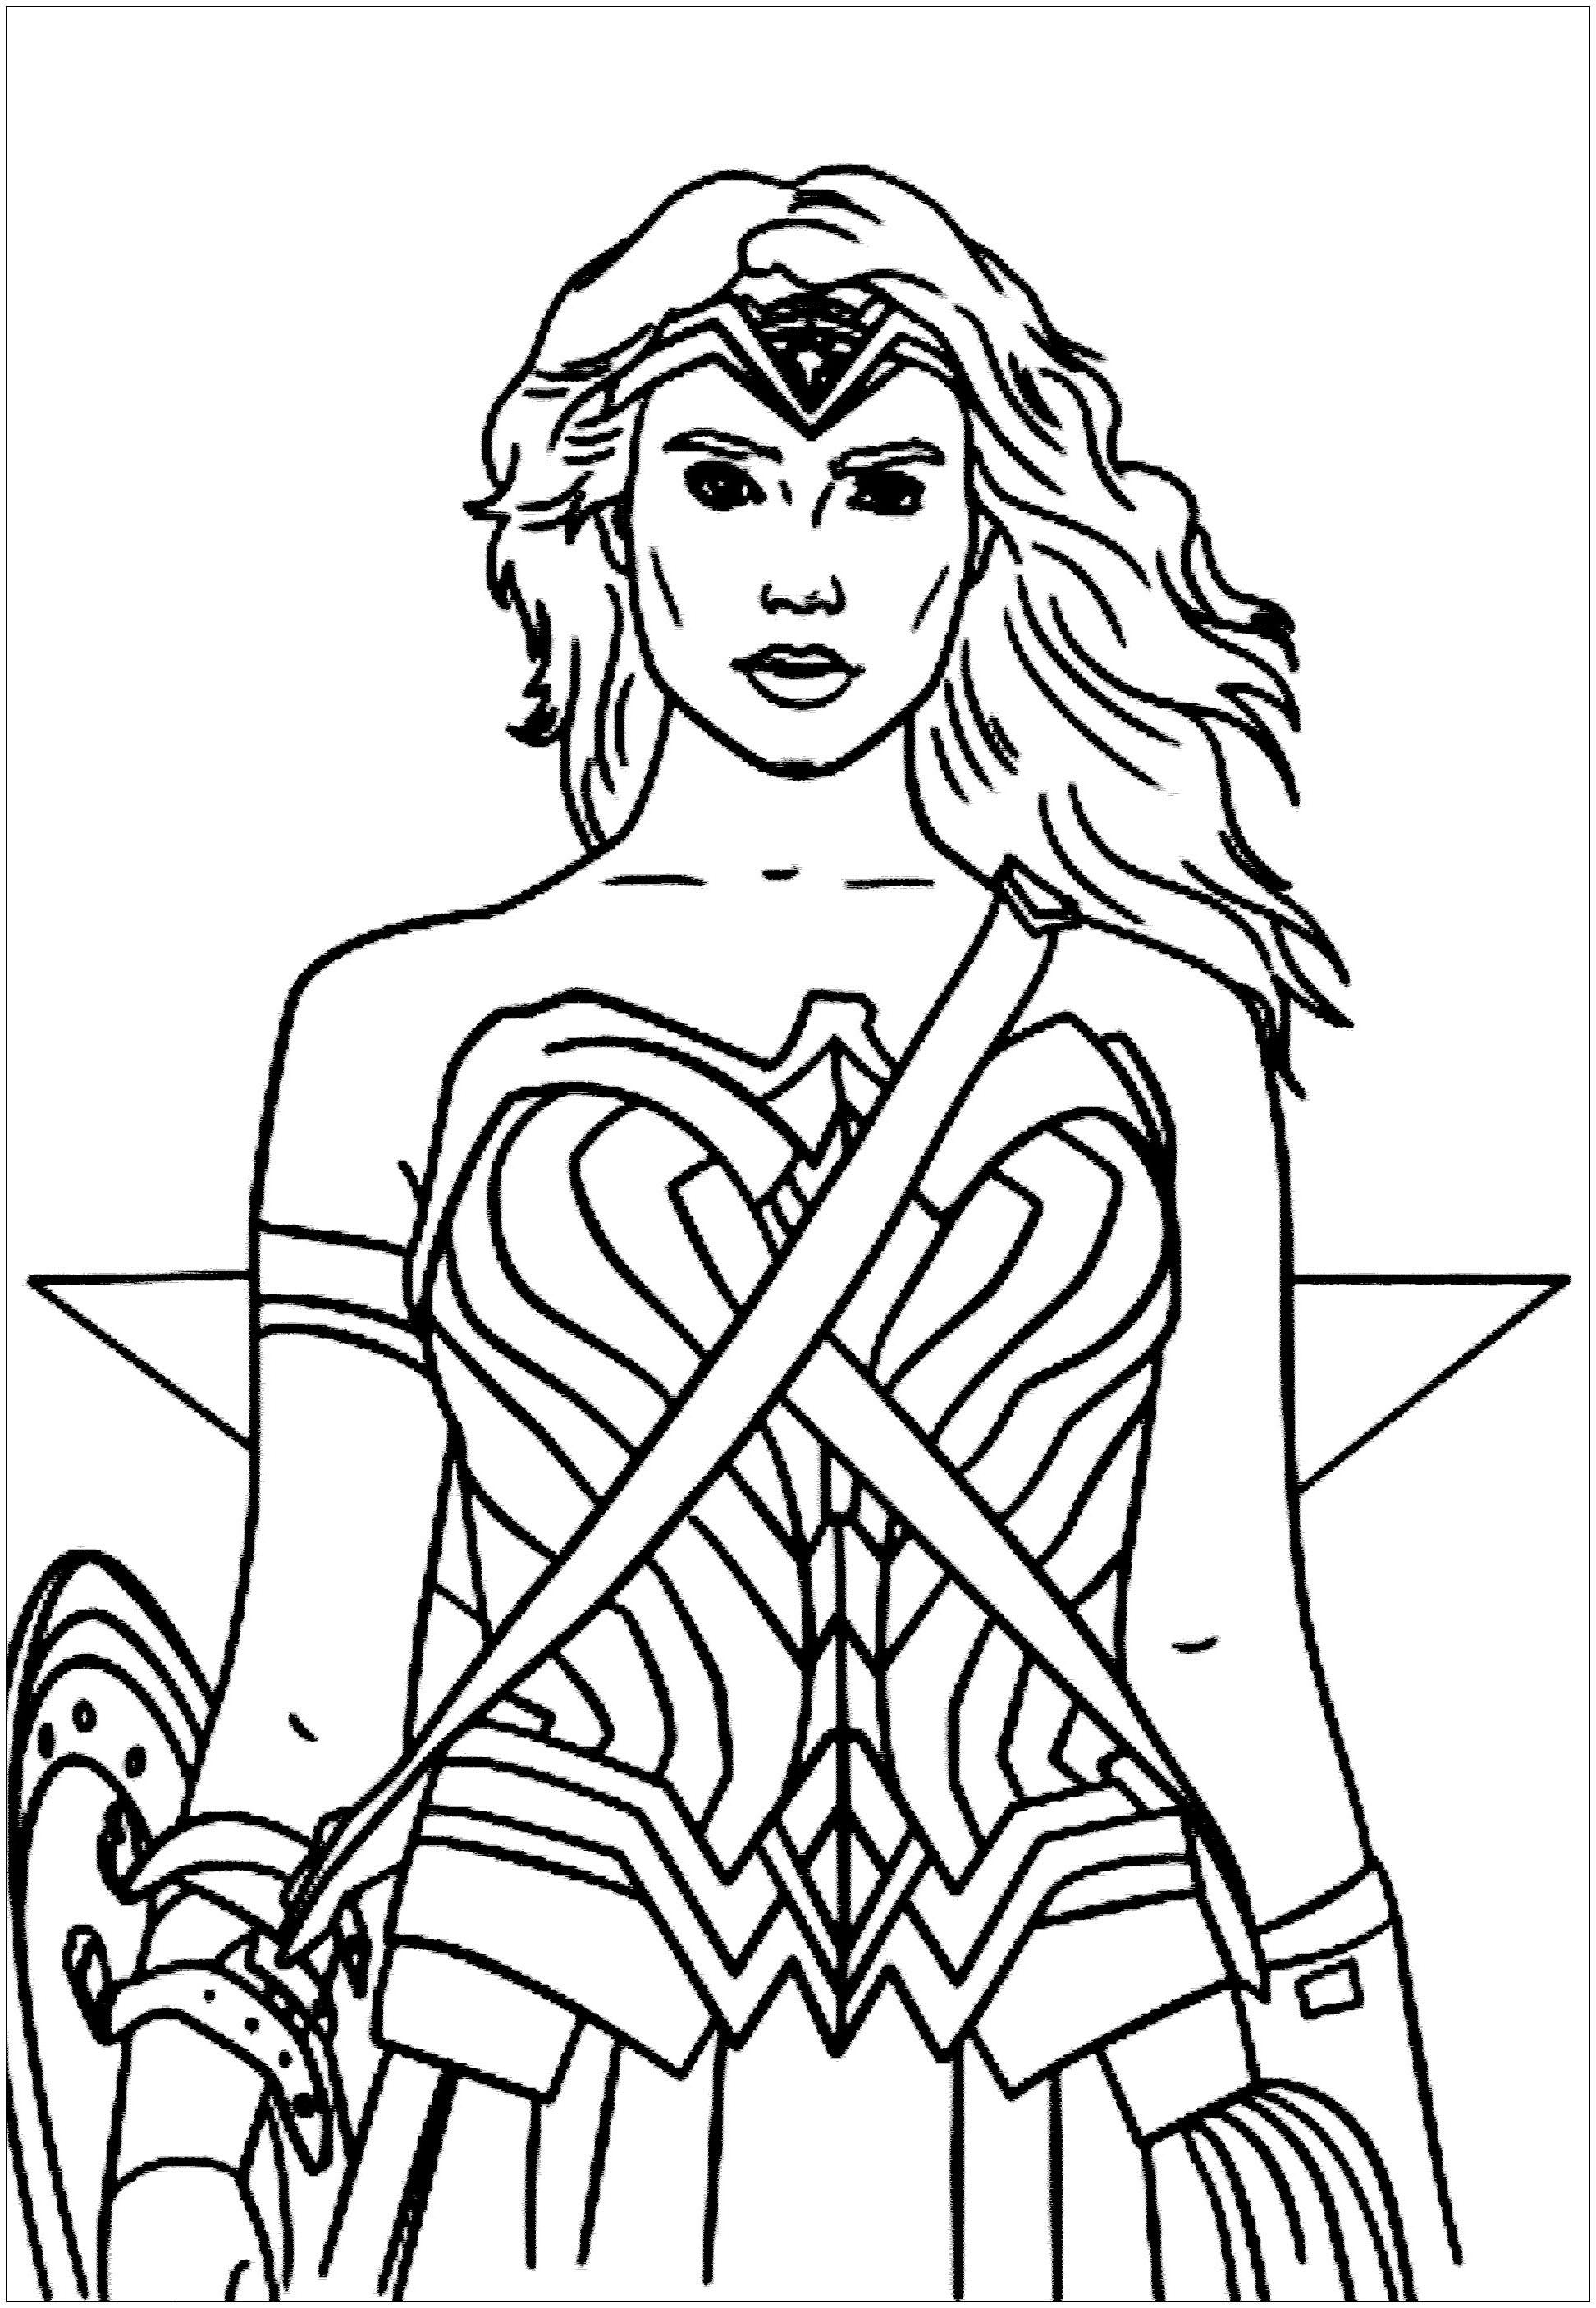 Wonder Woman Interprétée - Coloriage Wonder Woman intérieur Coloriage Ralph La Casse